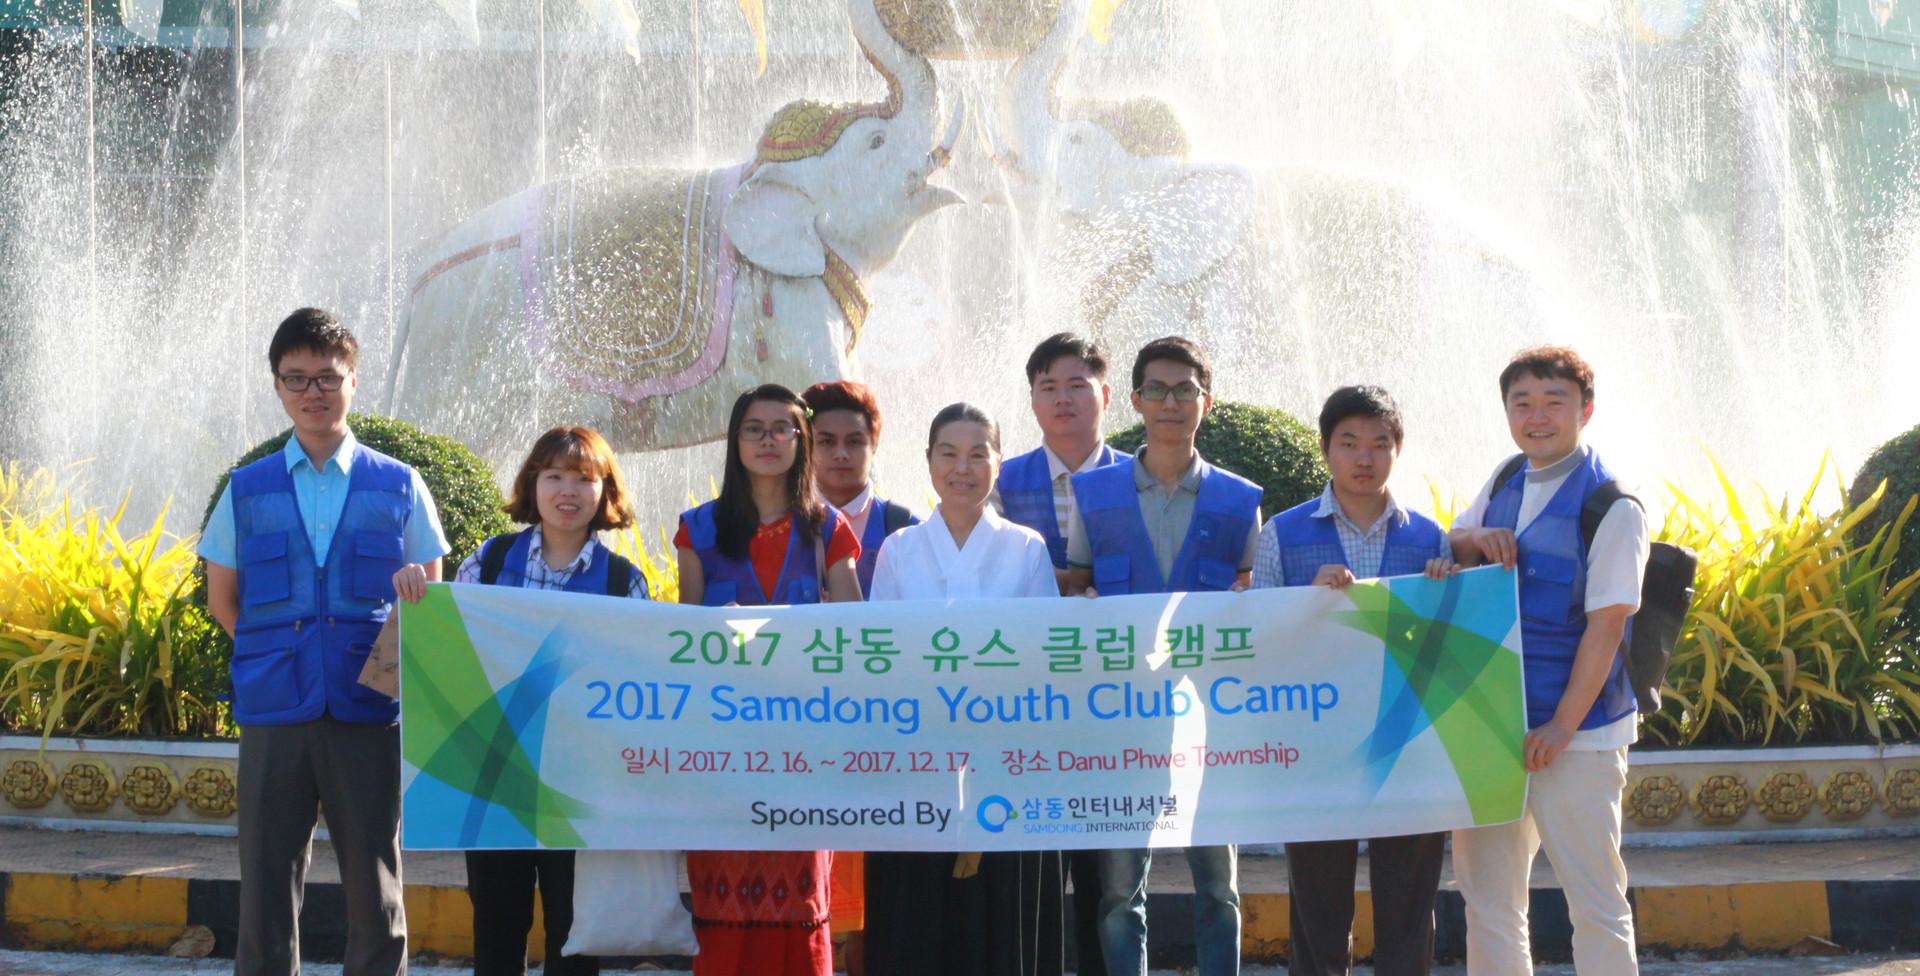 미얀마 삼동유스클럽 2017 (8).JPG